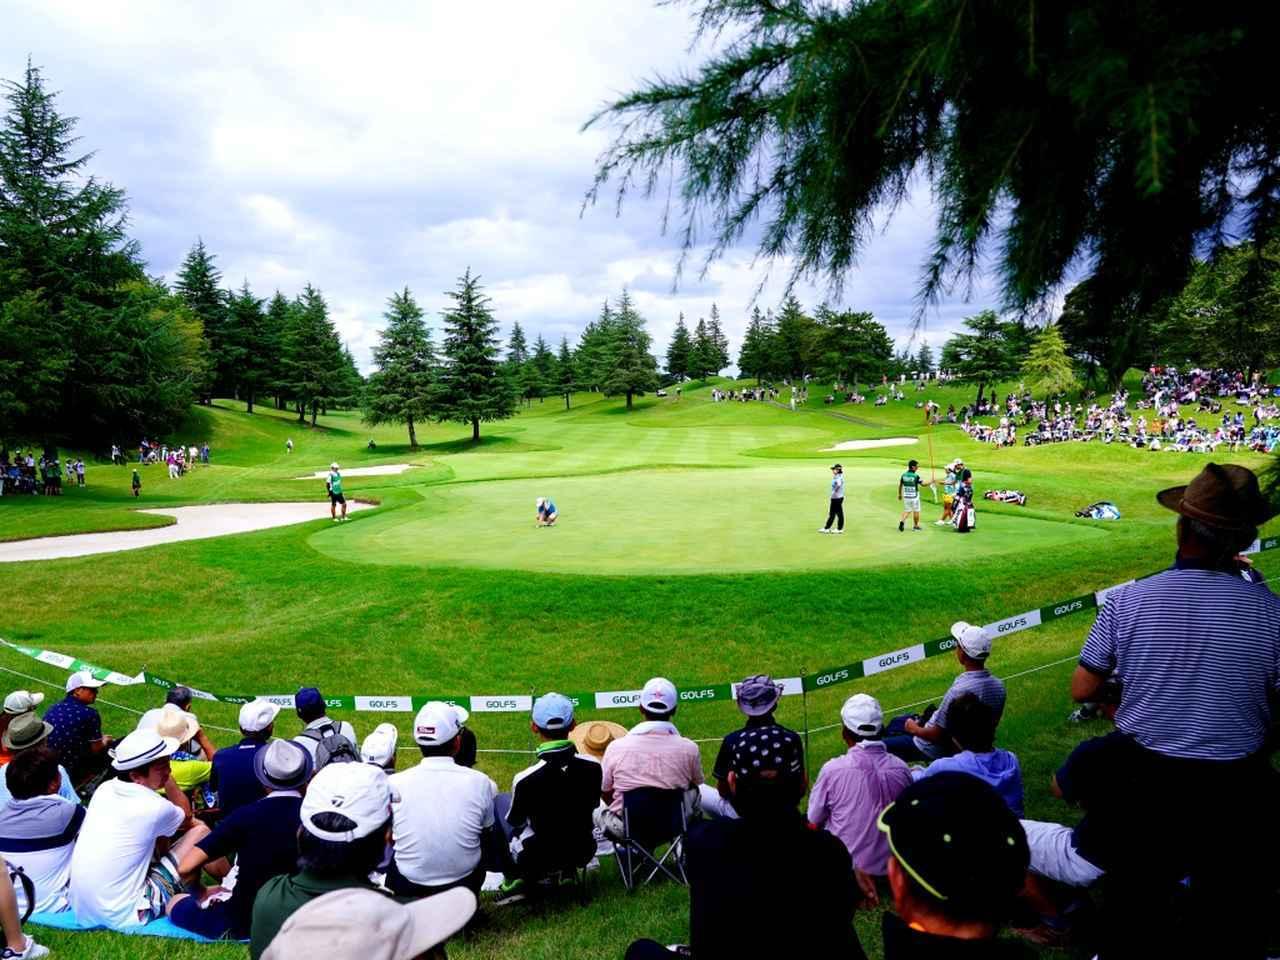 画像: ゴルフ5レディストーナメント開催コース。設計はJ・ニクラス